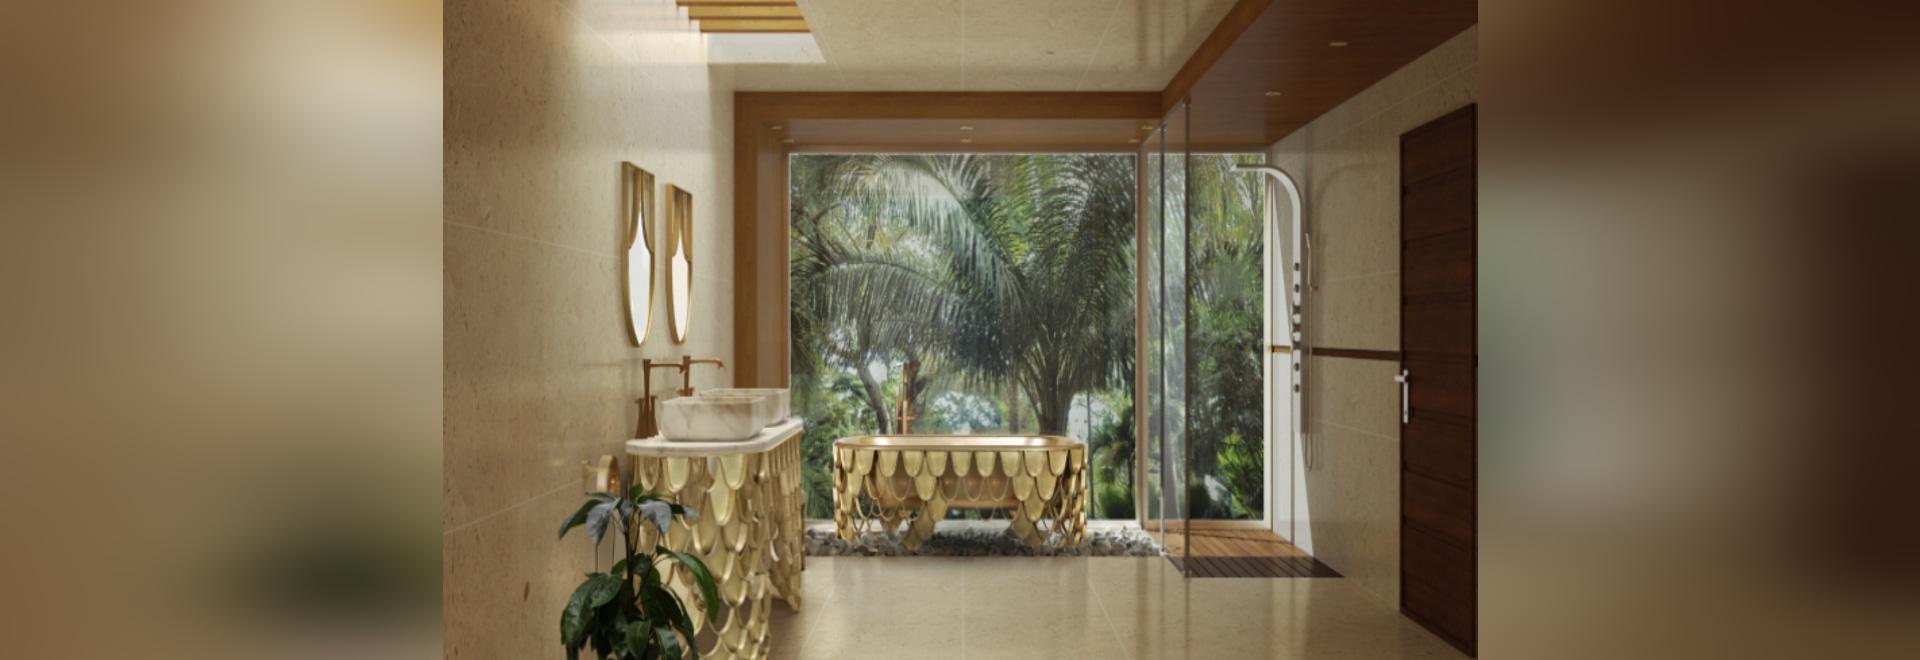 Las bañeras más increíbles para su renovación siguiente del cuarto de baño